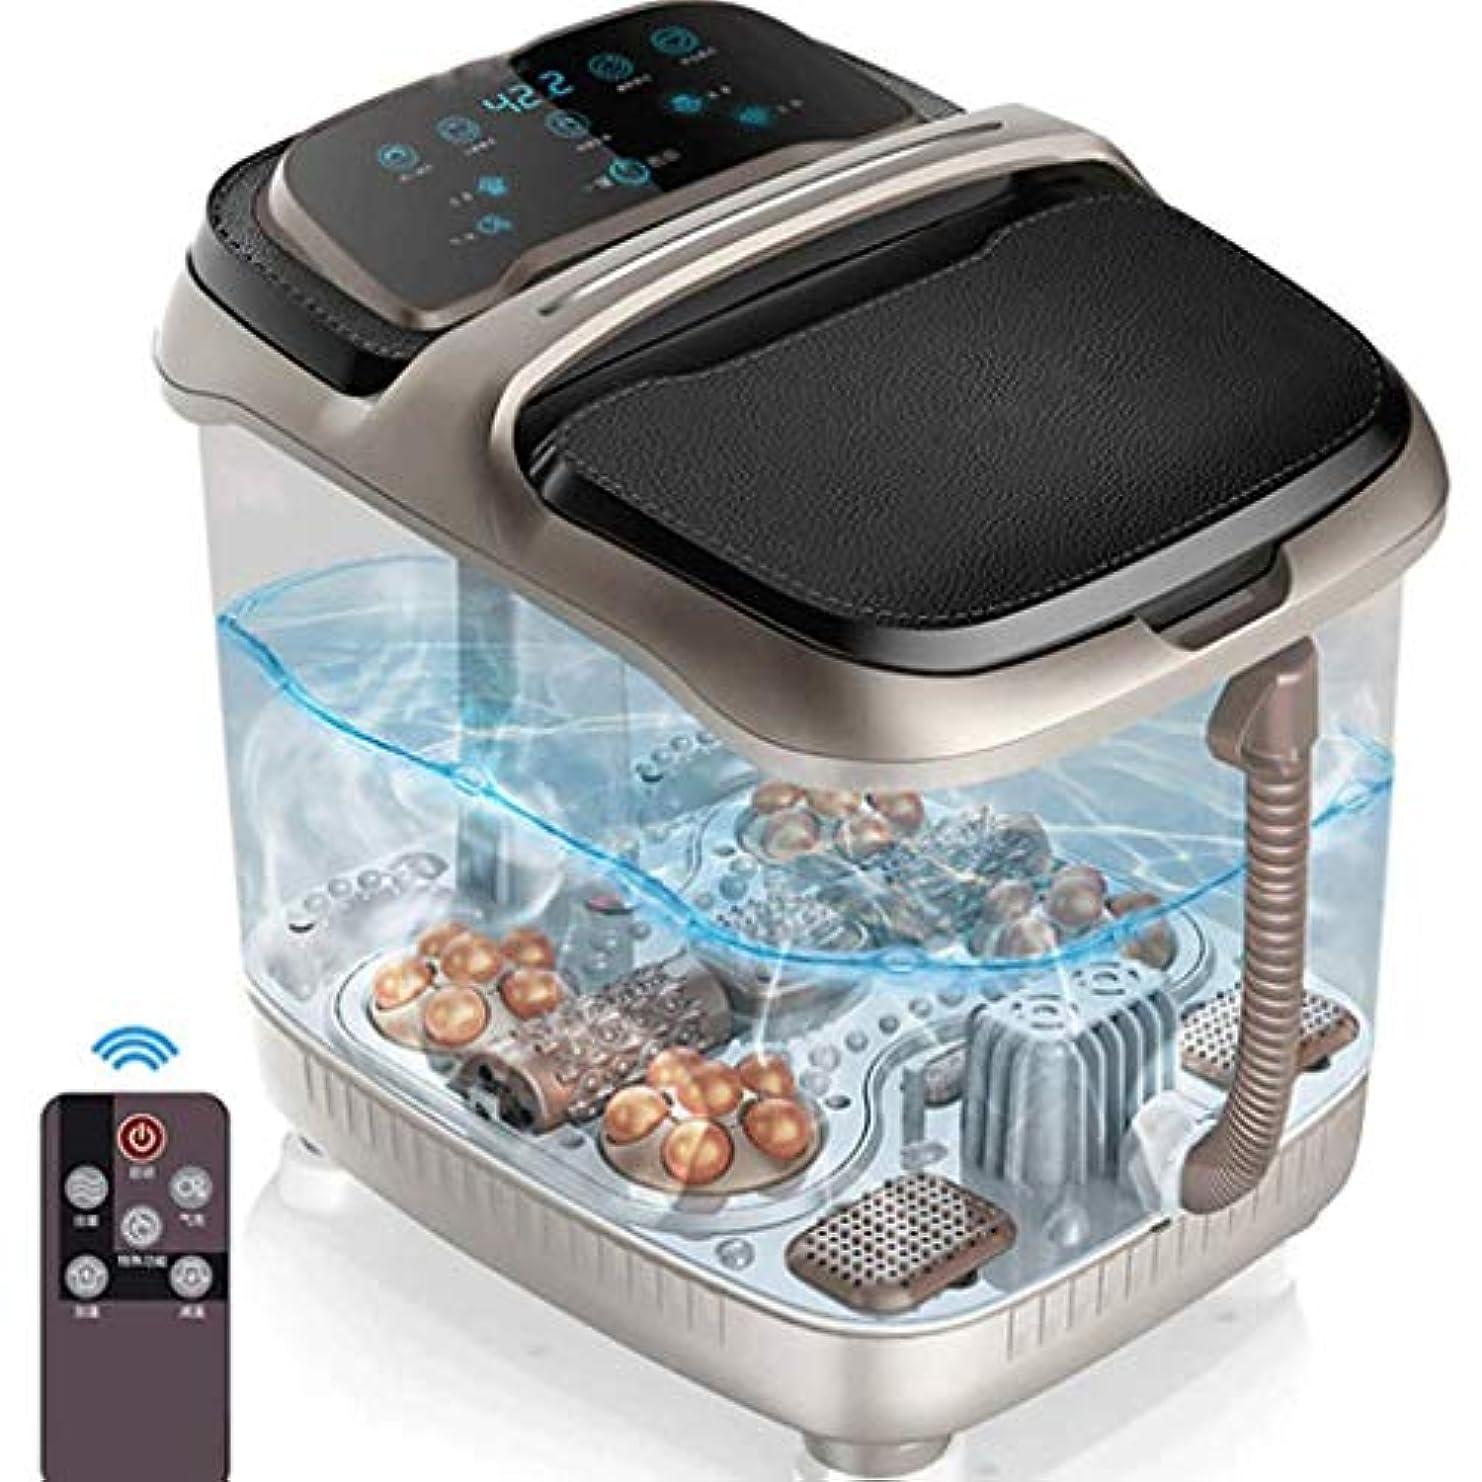 近代化溶けた飛び込むLEIGE Foot Spa Massager - スーパーファストヒーティングシステム、4つの電動マッサージローラー、ささやく静かな、リモートコントロール付き浴槽